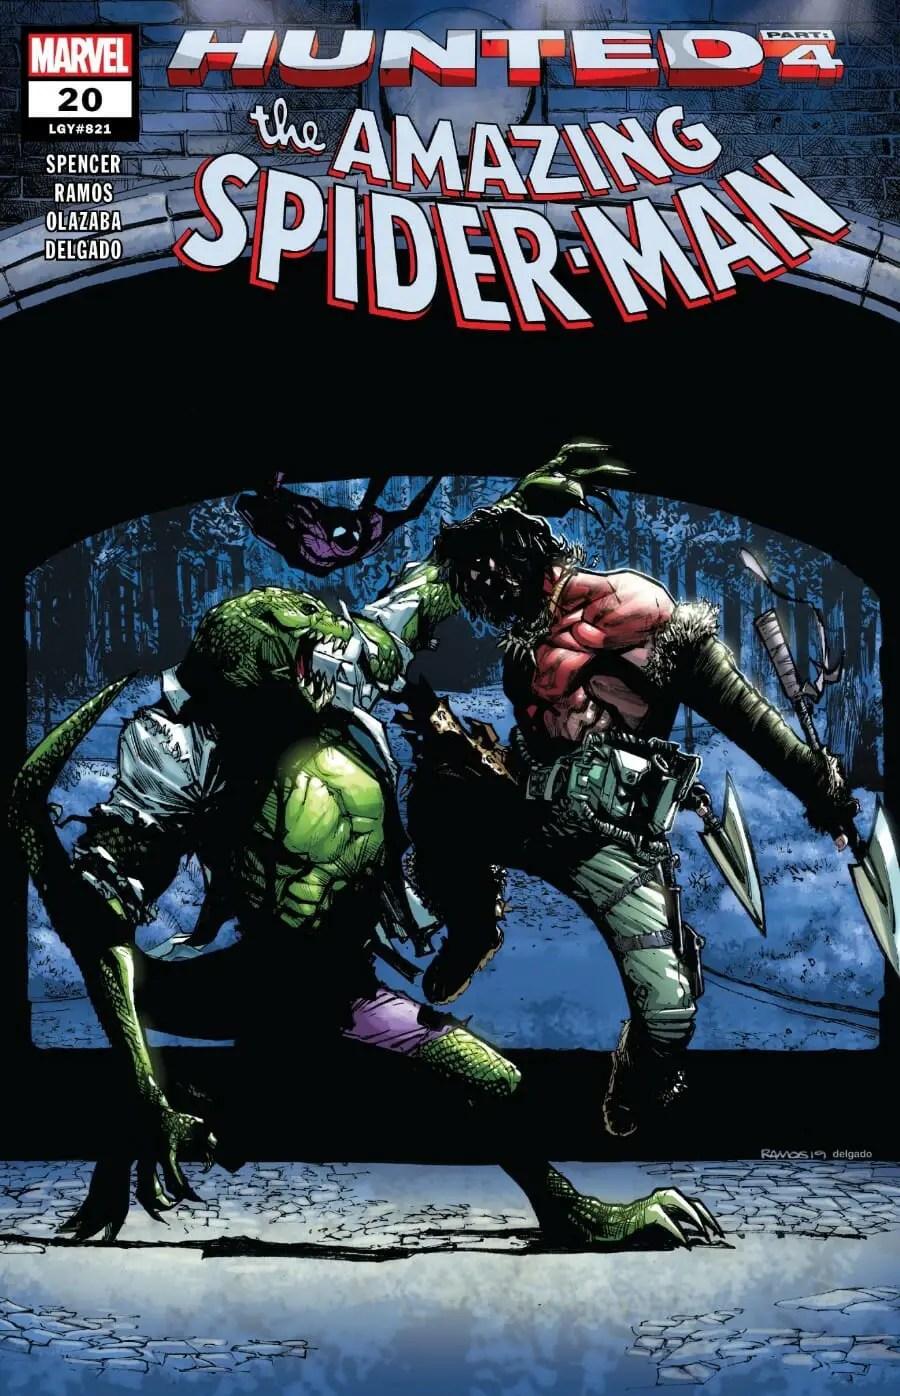 Amazing Spider-Man #20: